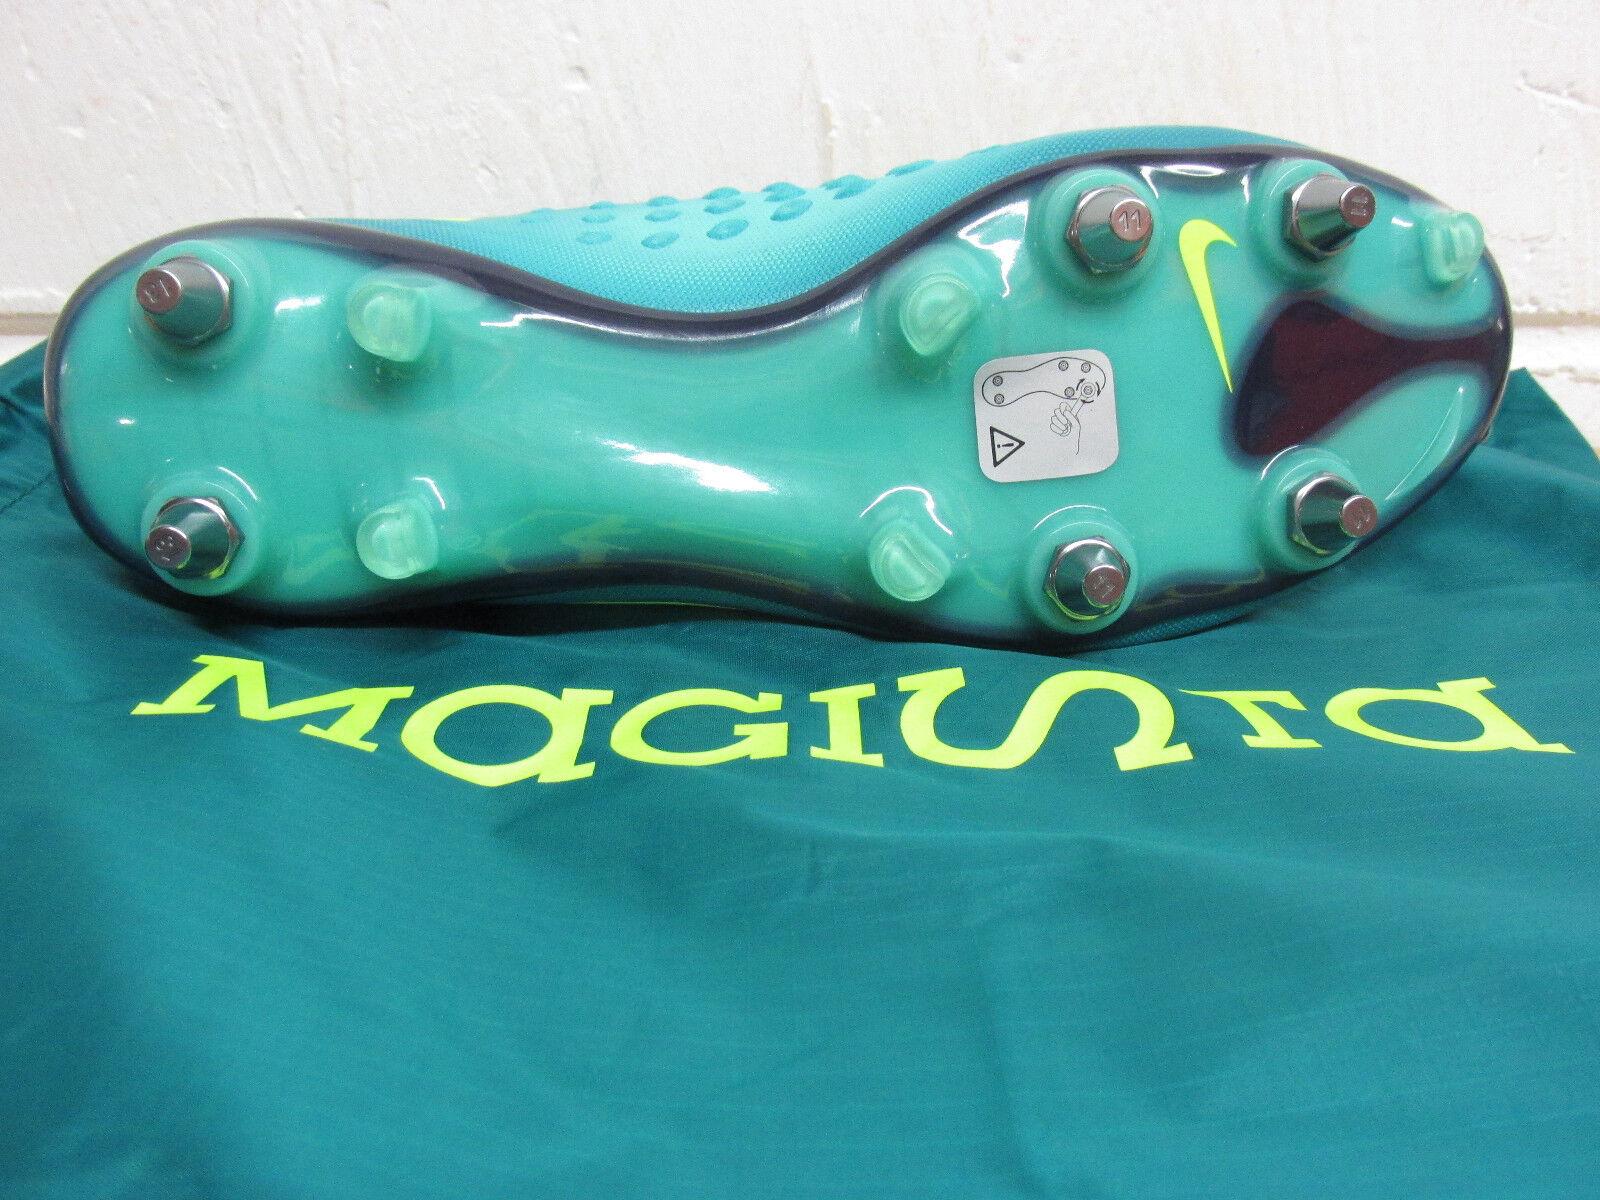 Nike magista opus ii sg pro Uomo Uomo Uomo scarpe da calcio 844597 376 scarpe, scarpe a635f9